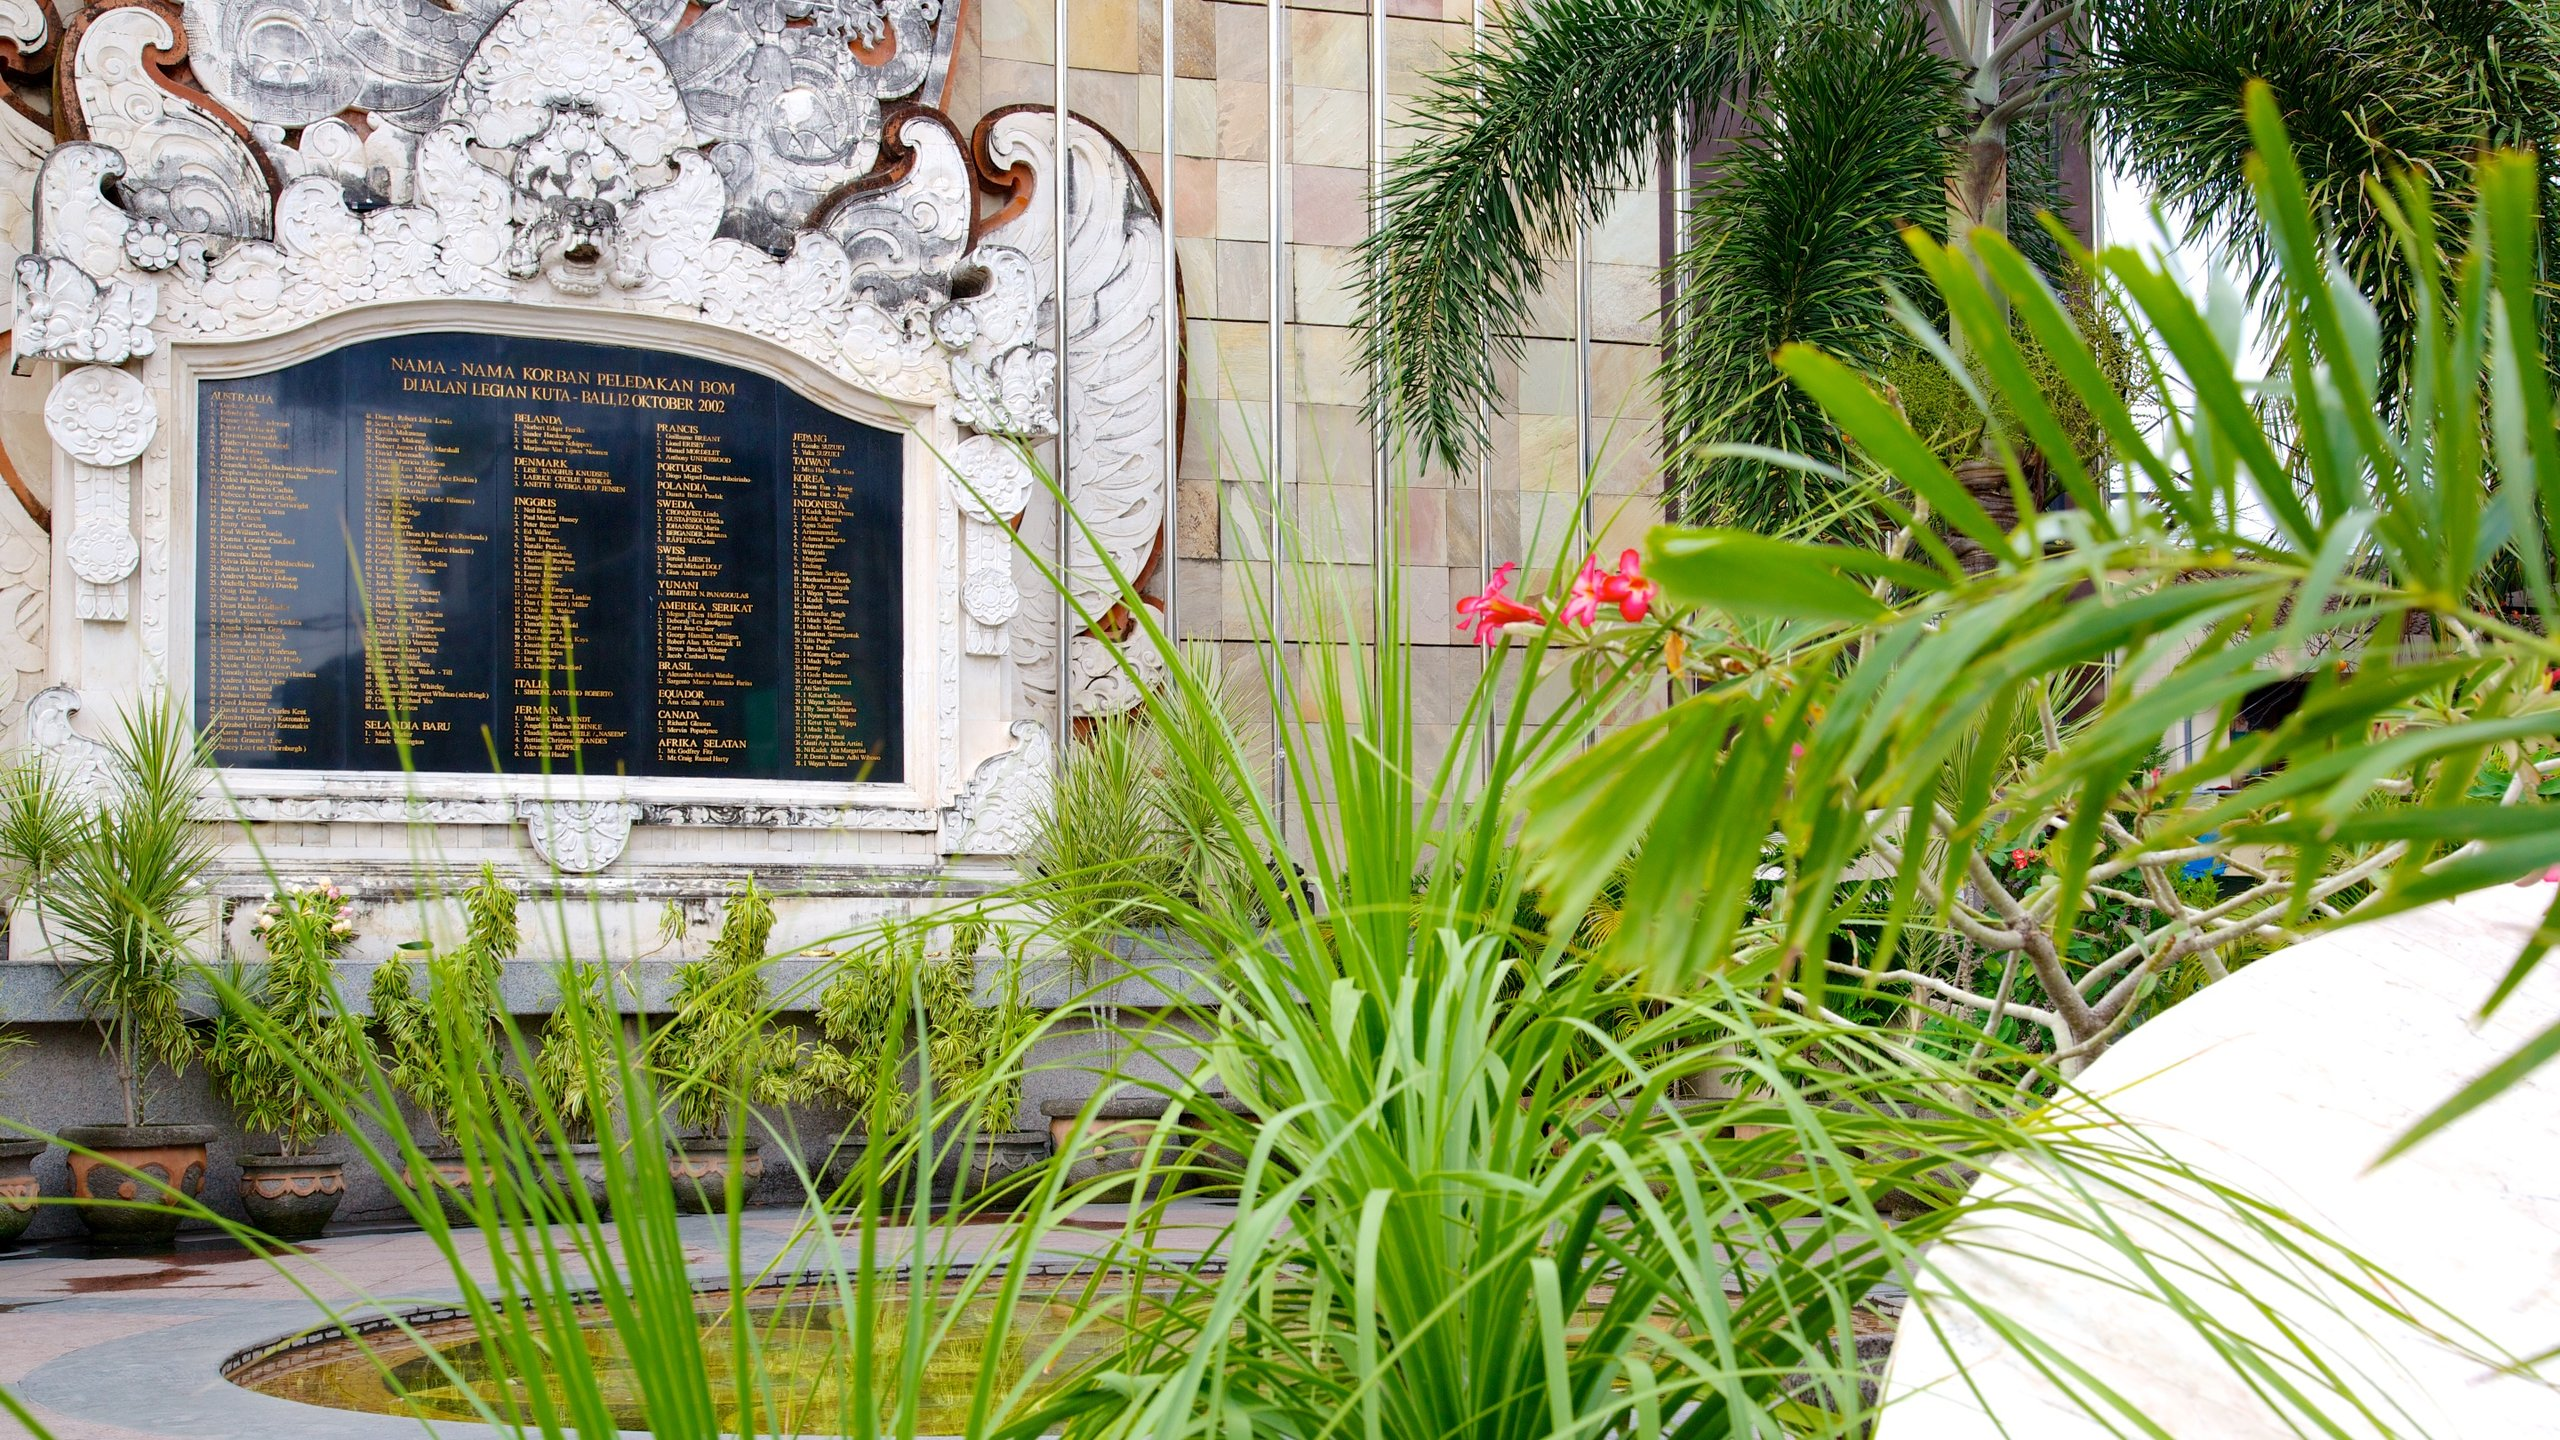 Anda dapat mempelajari sejarah dari Kuta saat Anda mampir ke Tugu Peringatan Bom Bali. Jalan-jalan di sepanjang tepi laut atau kunjungi spa di area ini.